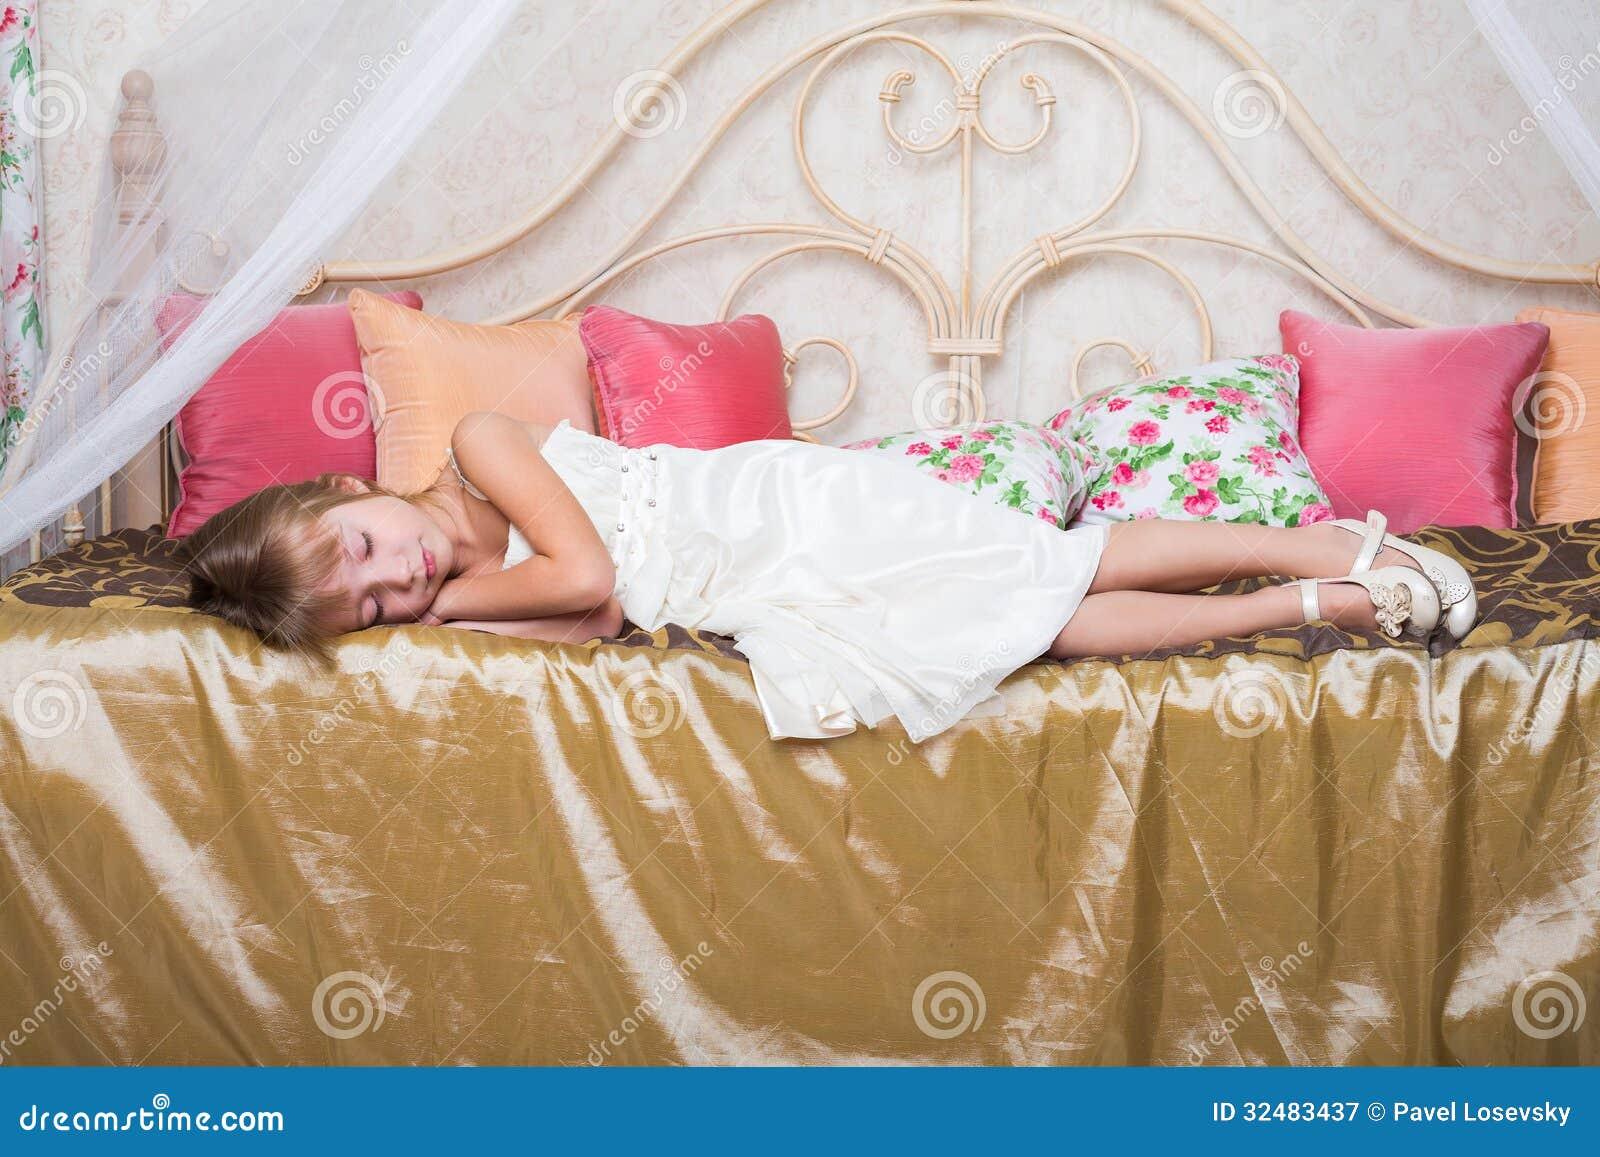 Трахнул красивую сестру пока она спала, У брата и сестры одна комната на двоих - видео ролик 23 фотография